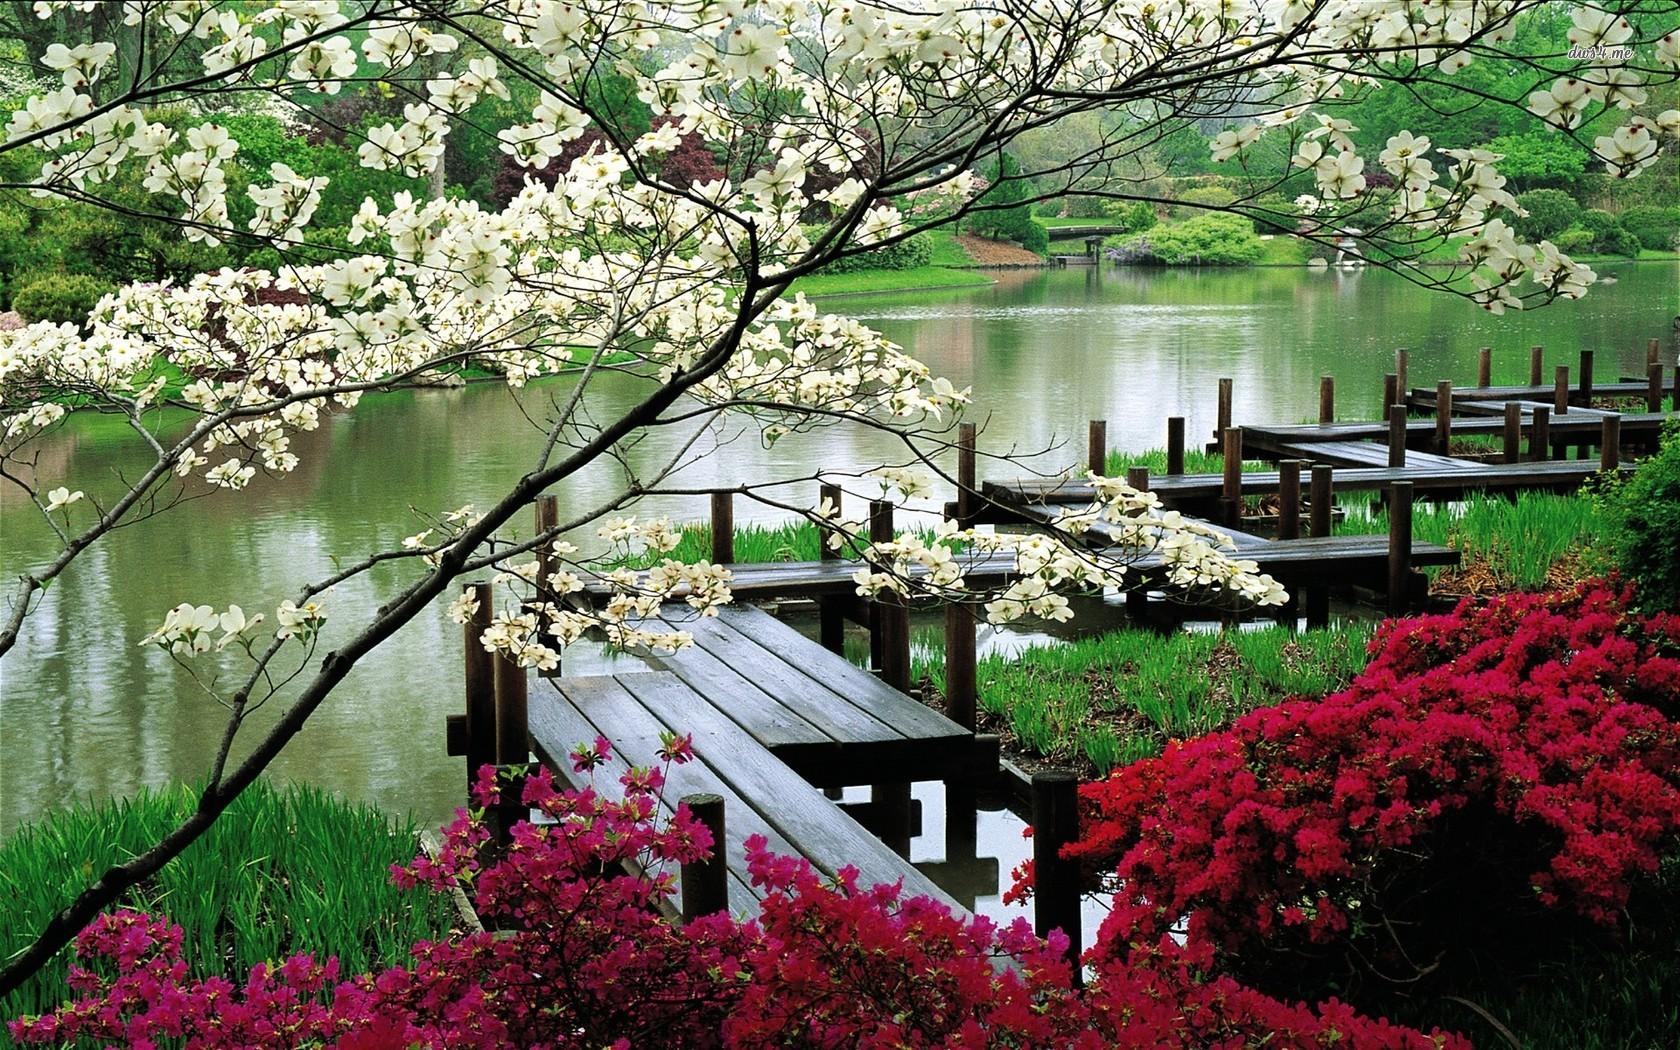 Japanese garden wallpaper   Nature wallpapers   8269 1680x1050